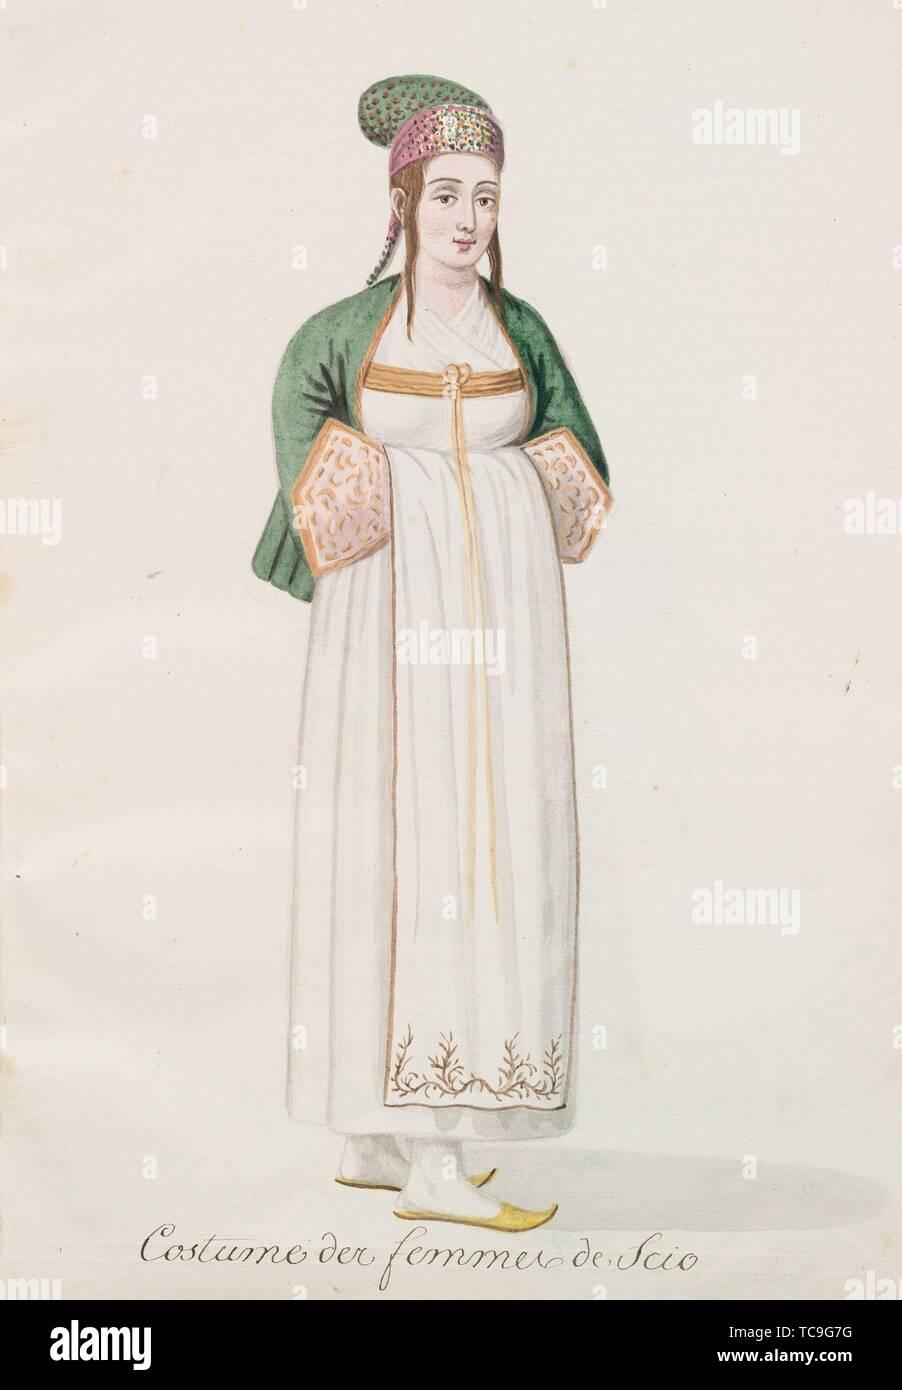 Costume Des Femmes De Scio Chios 81 Mahmud Ii Sultan